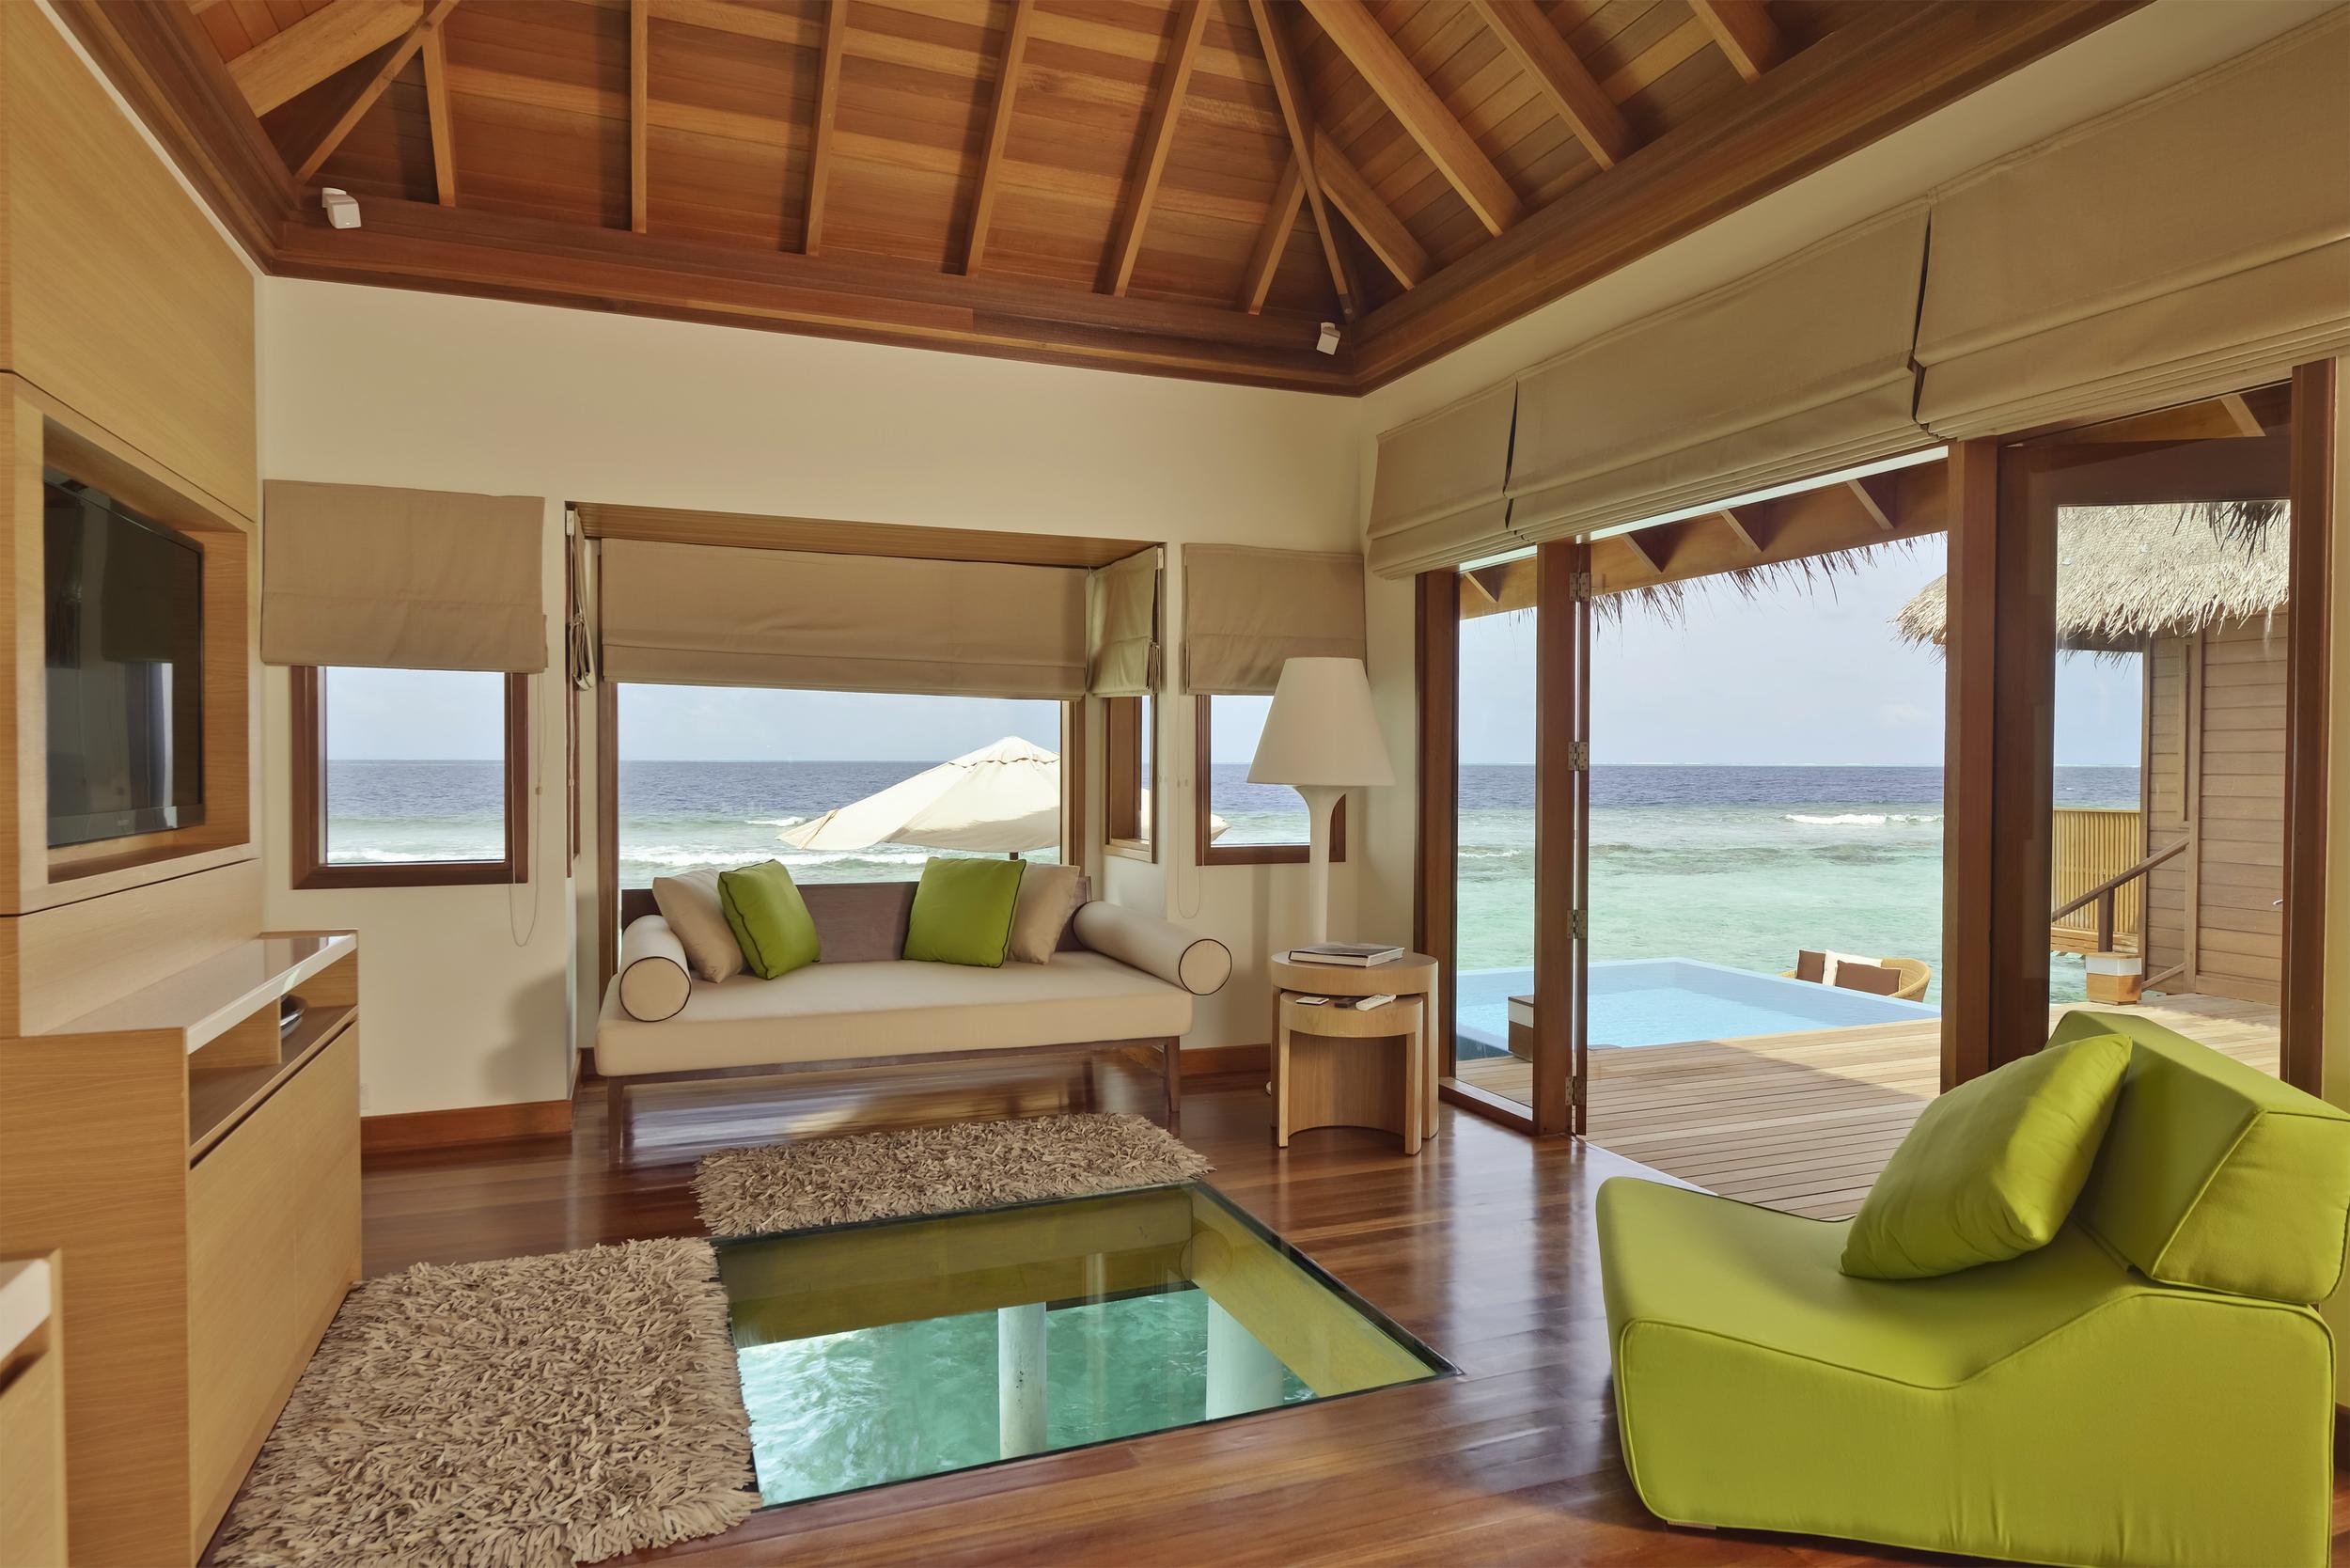 Hi_PHUV_59897526_Ocean_Bungalow_with_Pool_interior.jpg